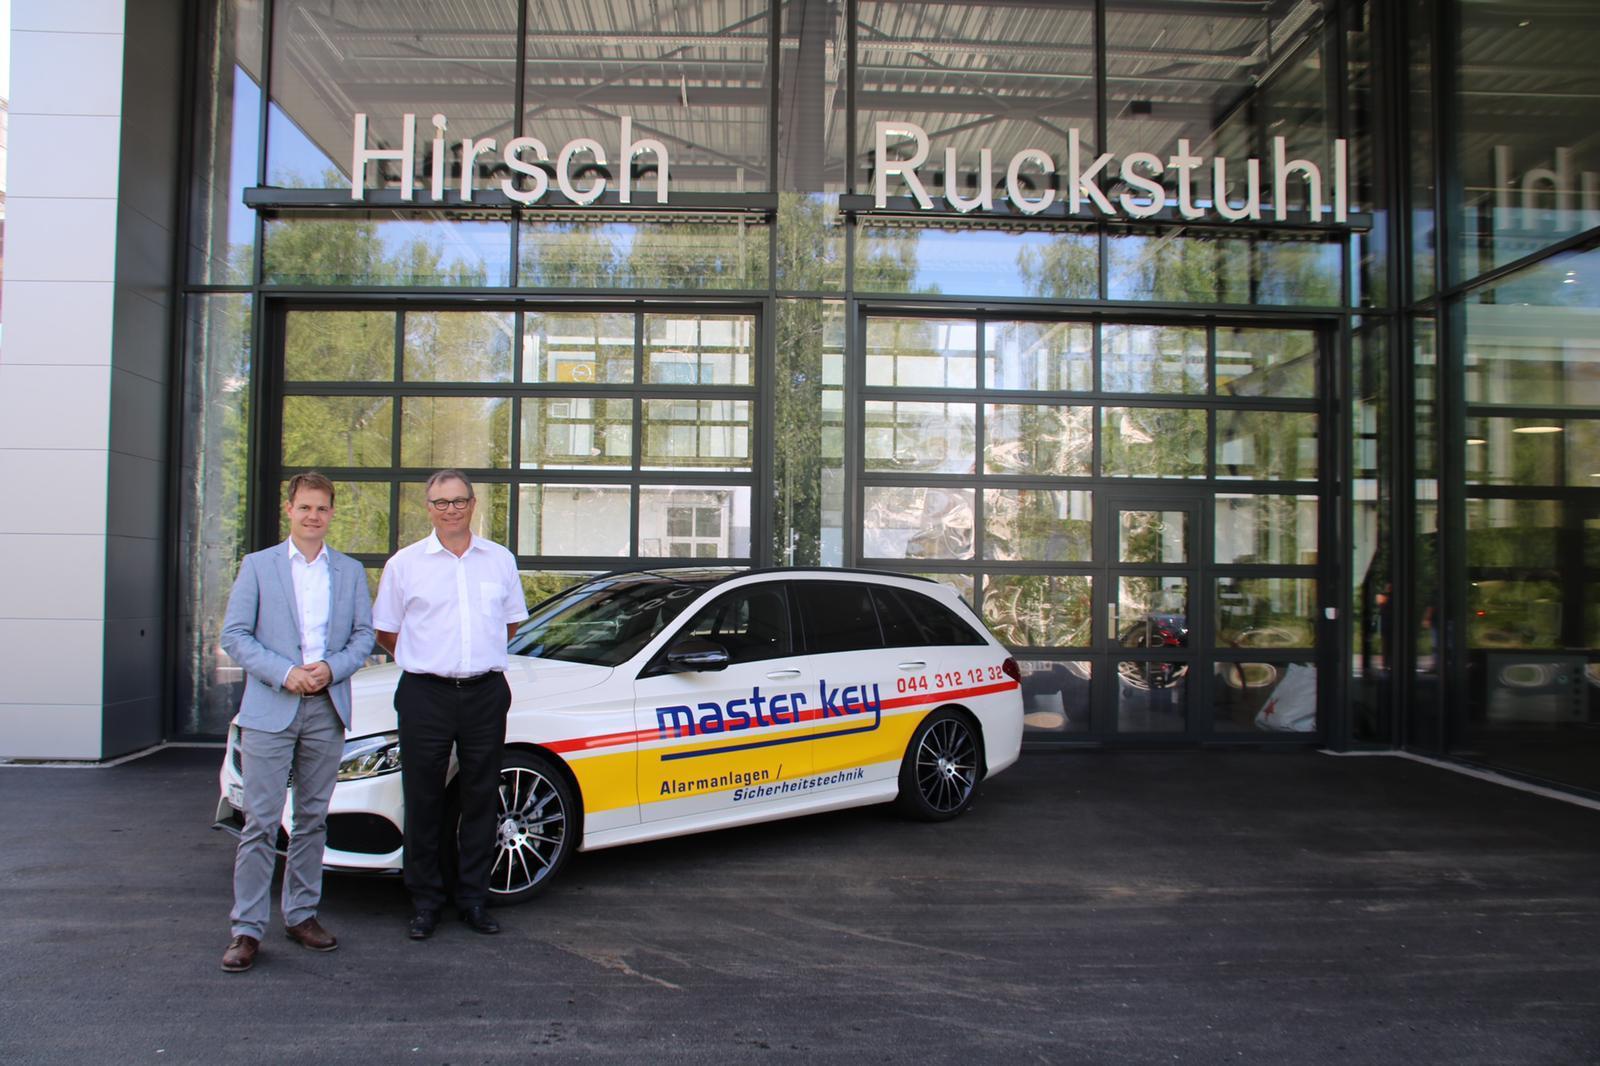 Referenz Elektronische Schliessanlage Schlüsseldienst Zürich Mercedes Hirsch Ruckstuhl